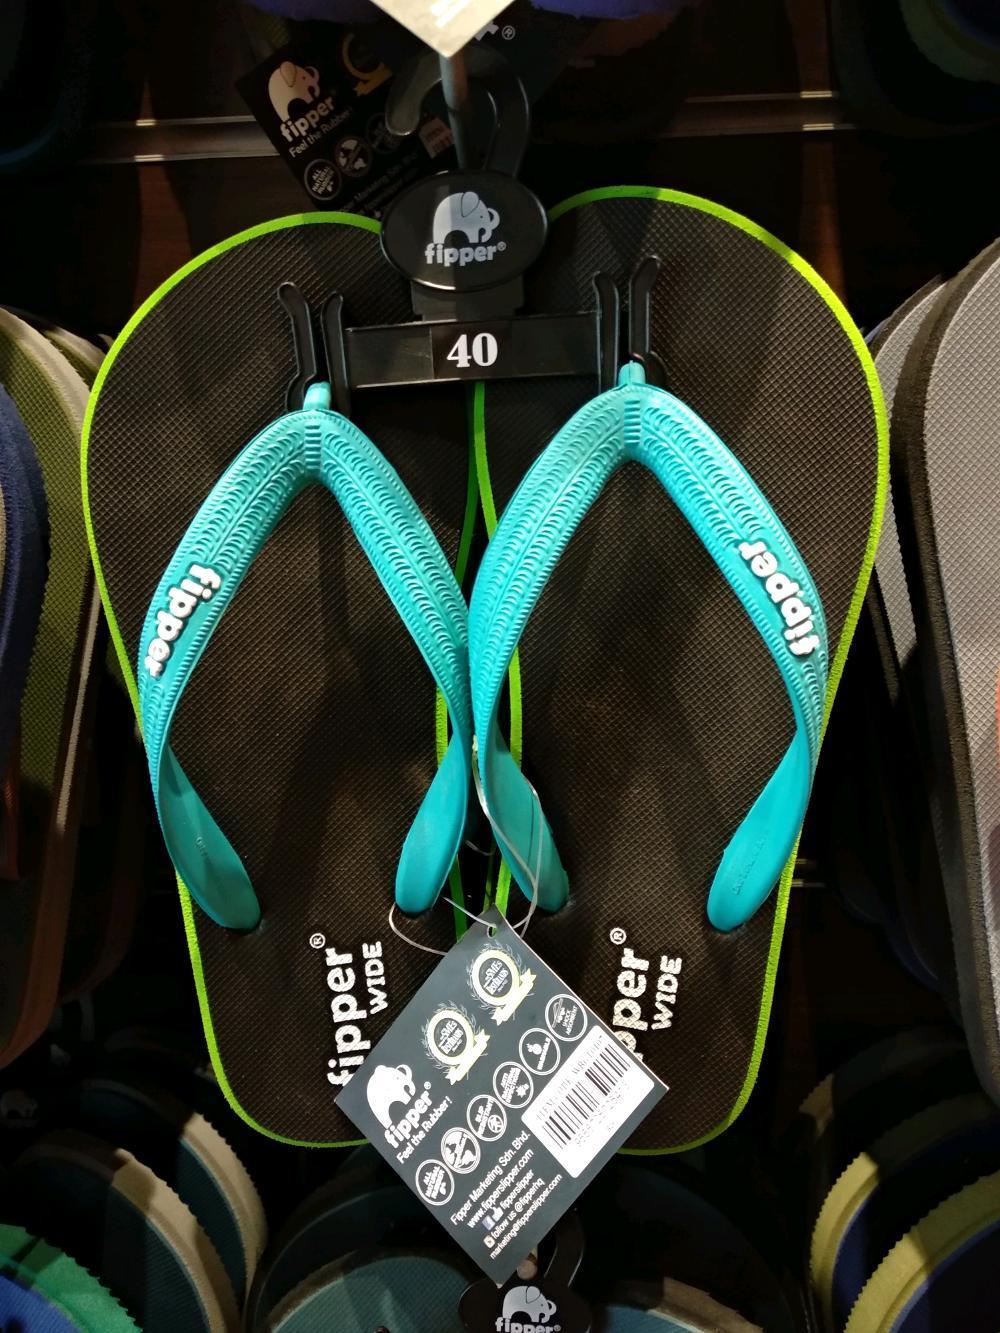 Sandal Cowok Fipper Wide